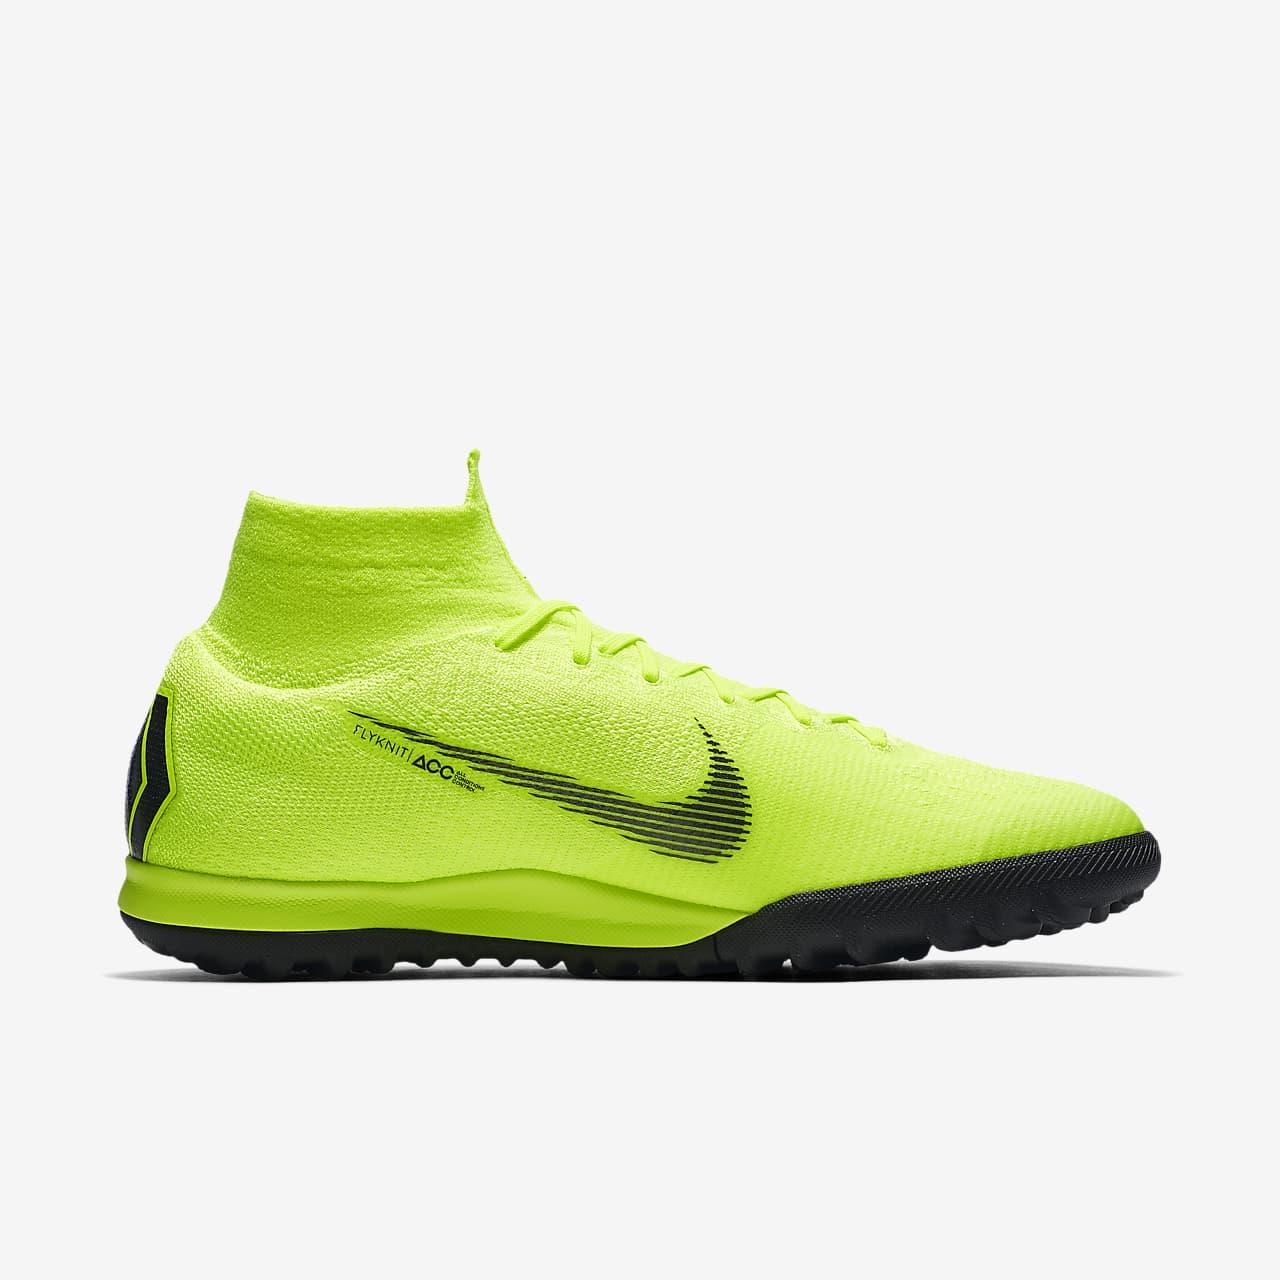 serie Más Vegetales  Nike SuperflyX 6 Elite TF Artificial-Turf Soccer Cleat. Nike.com